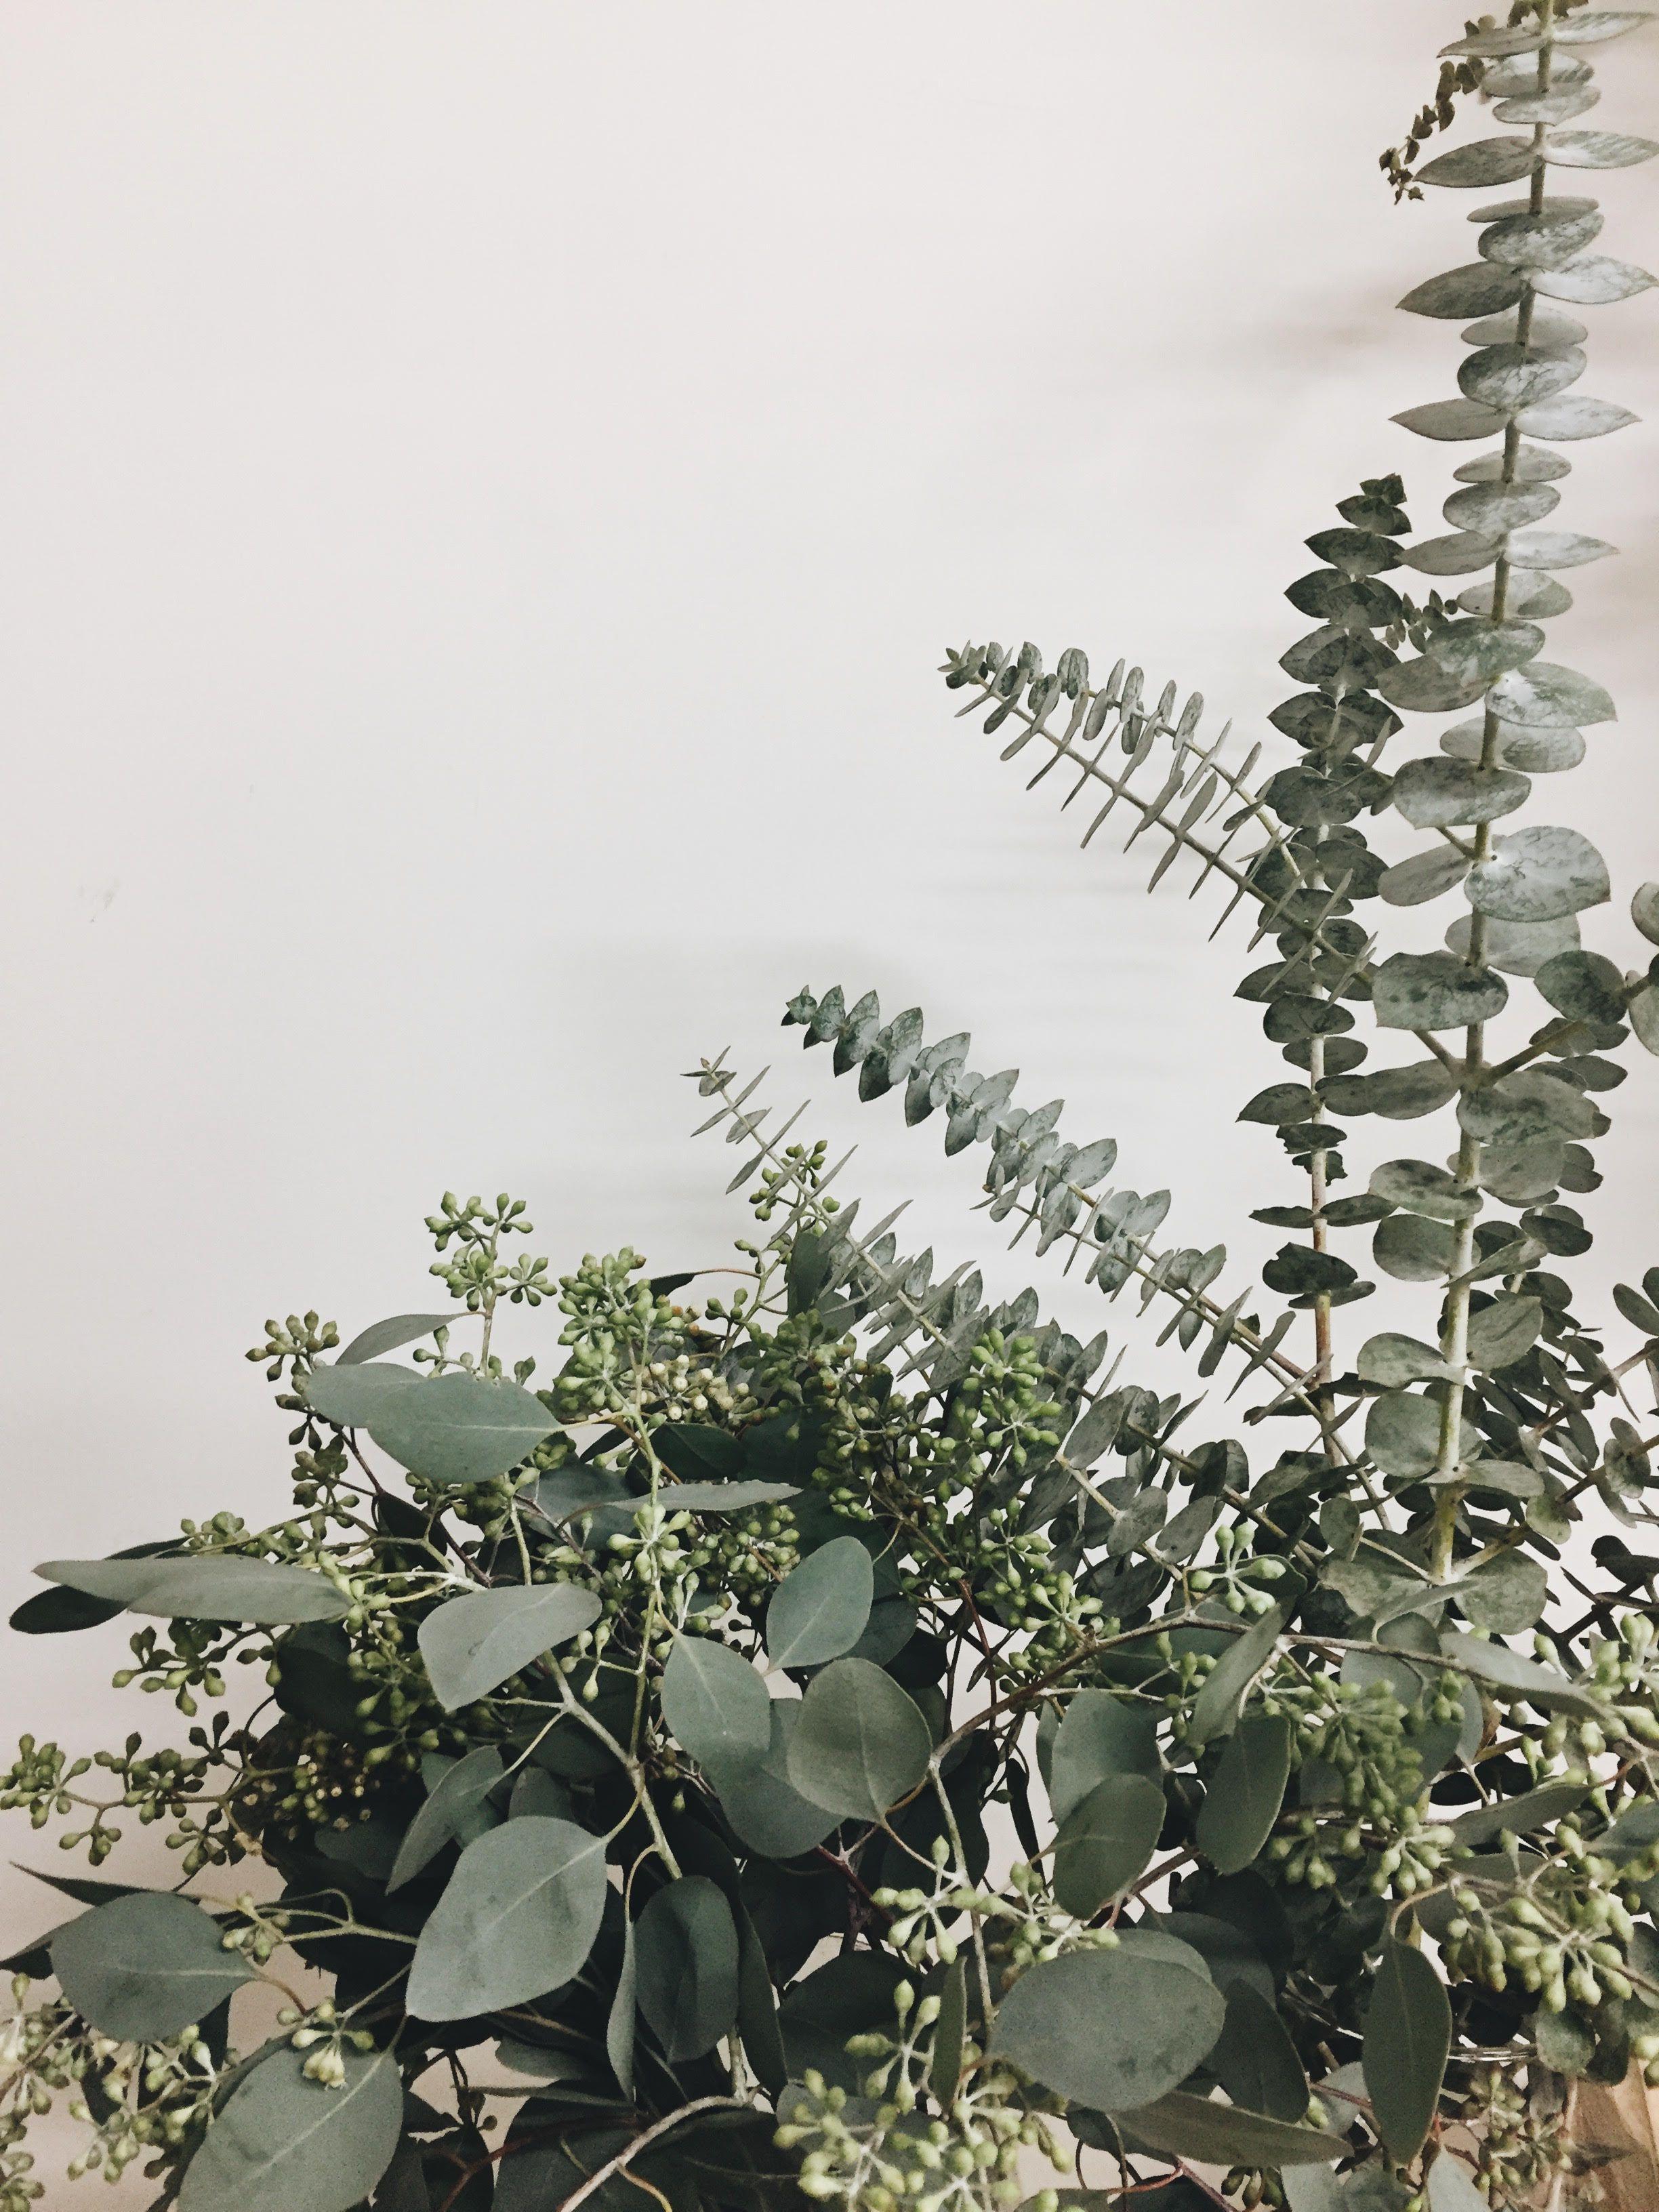 LAURIE ANNE - Atelier Fleur - Les fleurs sont soyeusement sélectionnées pour leur beauté, durabilité et proximité de récolte. Inspirés par la nature, les bouquets changent à travers les saisons!